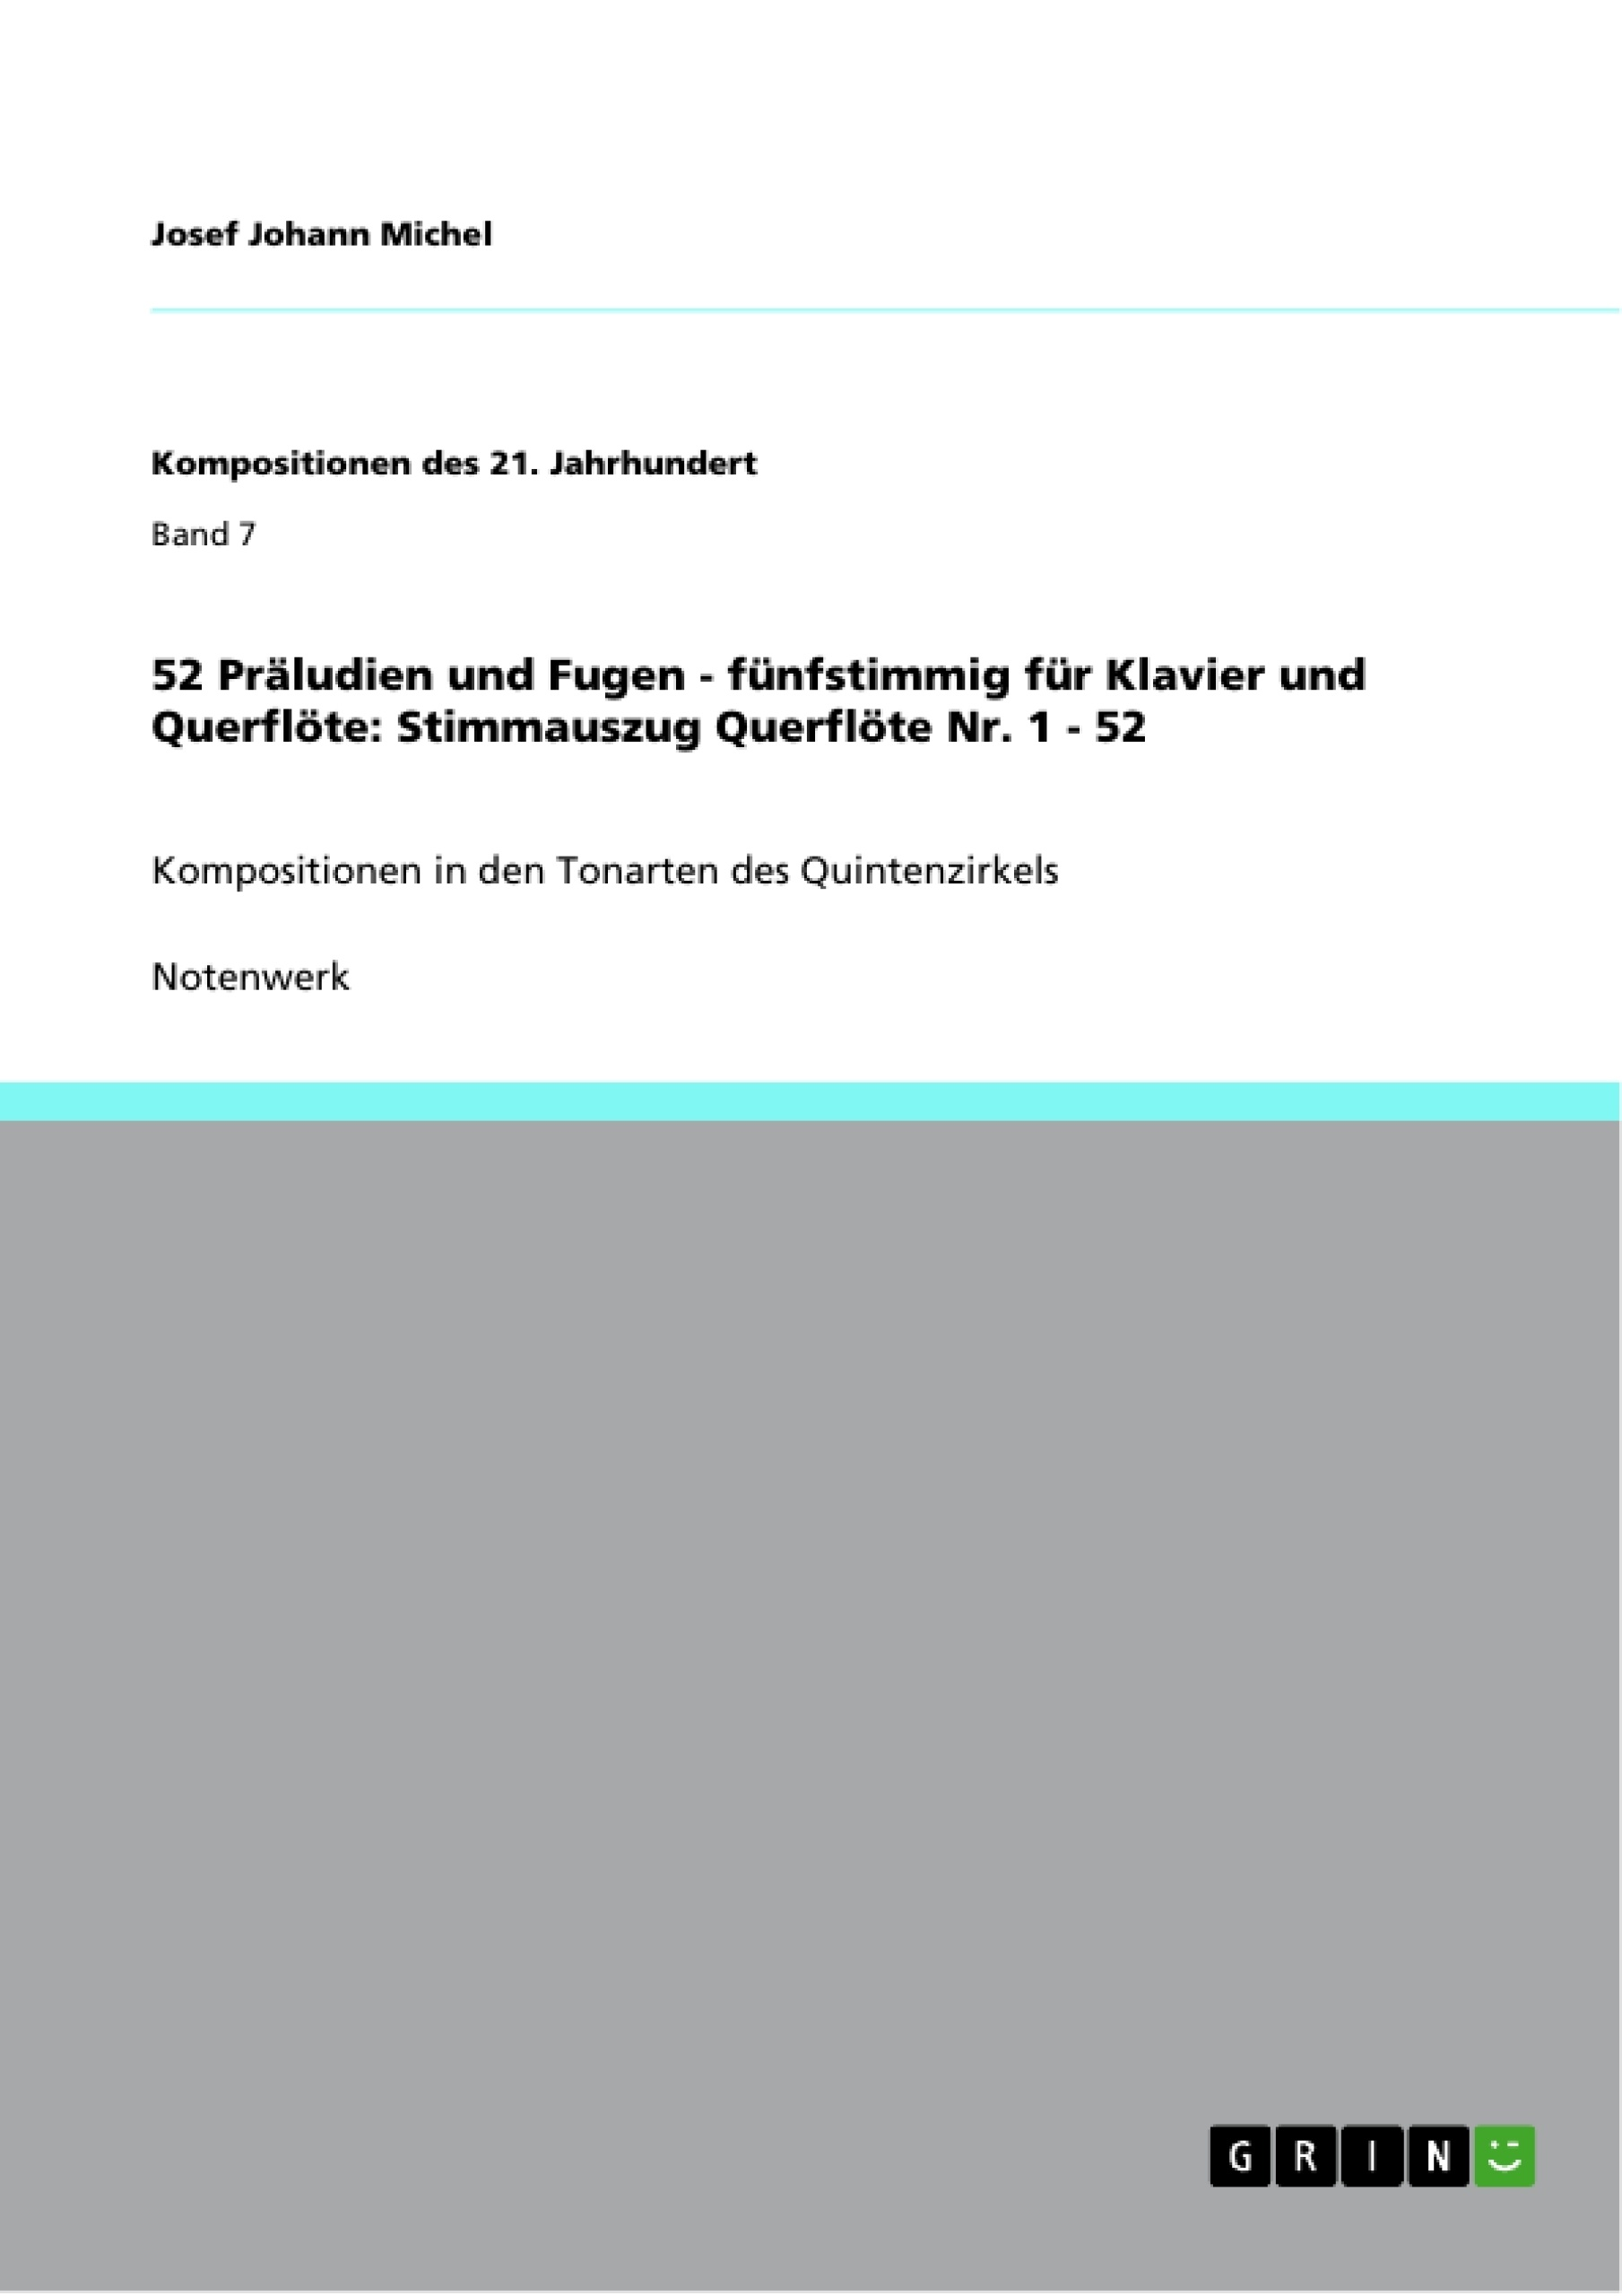 Titel: 52 Präludien und Fugen - fünfstimmig für Klavier und Querflöte: Stimmauszug Querflöte Nr. 1 - 52